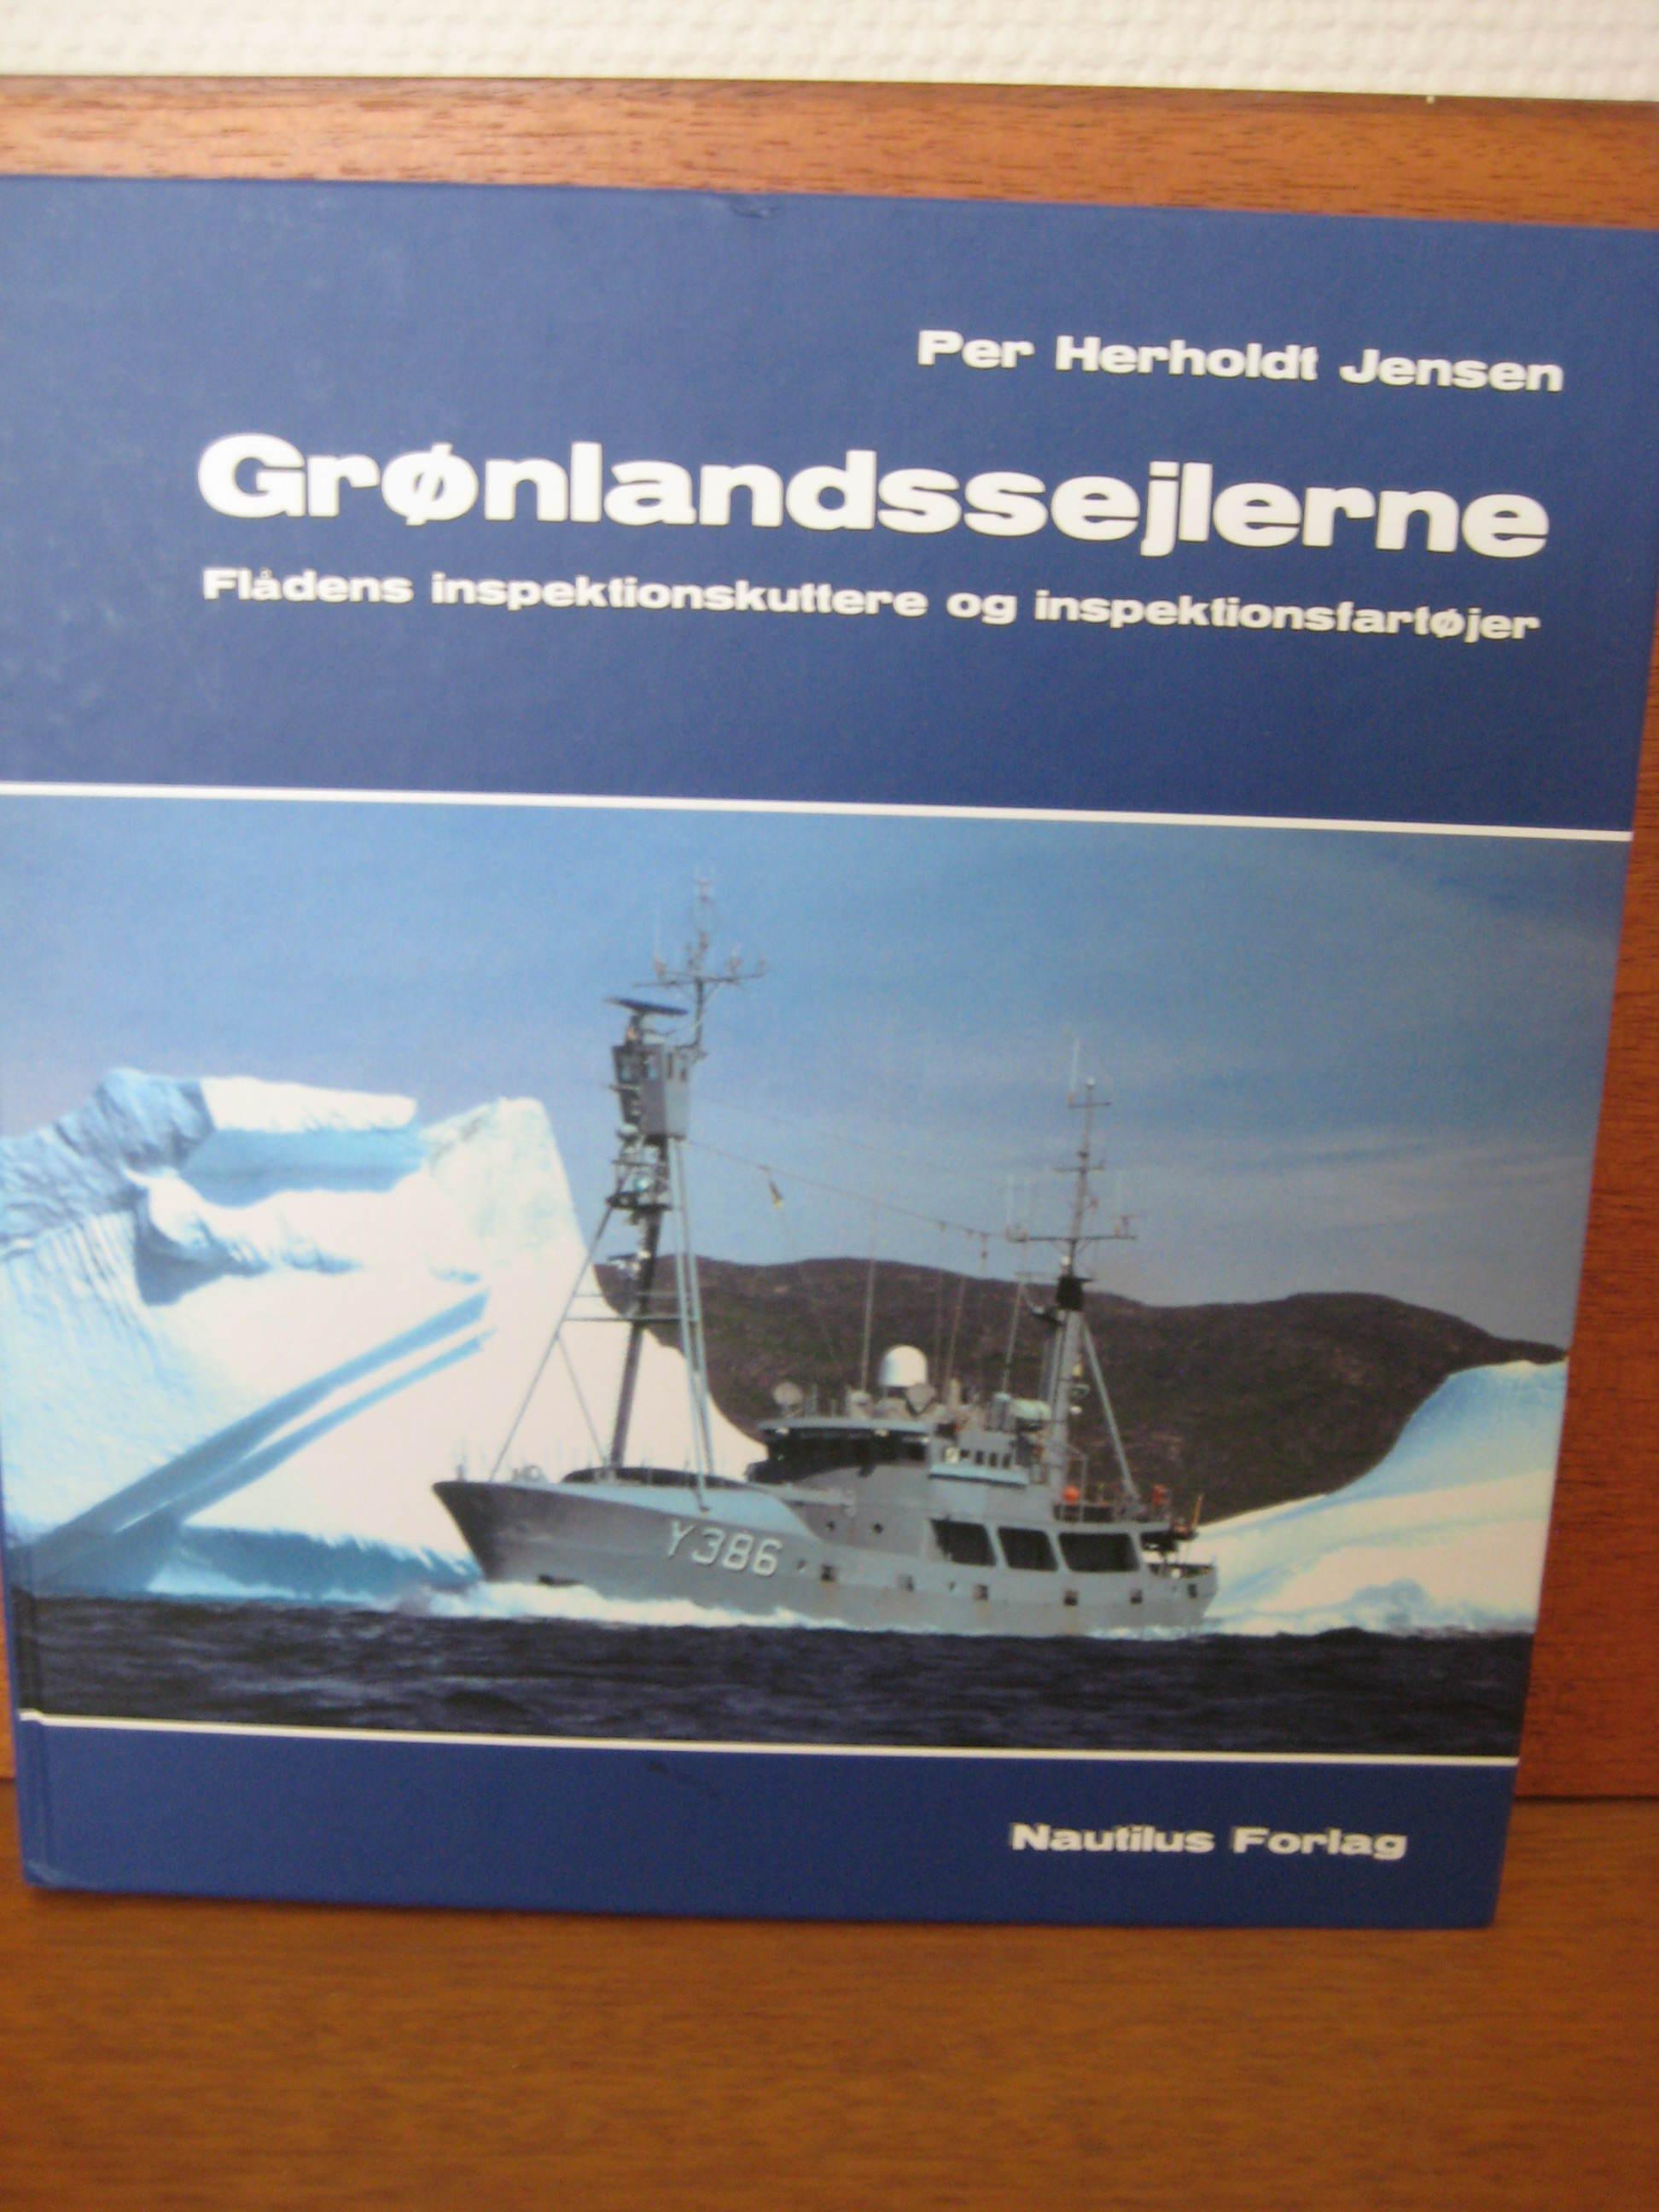 Grønlandssejlerne